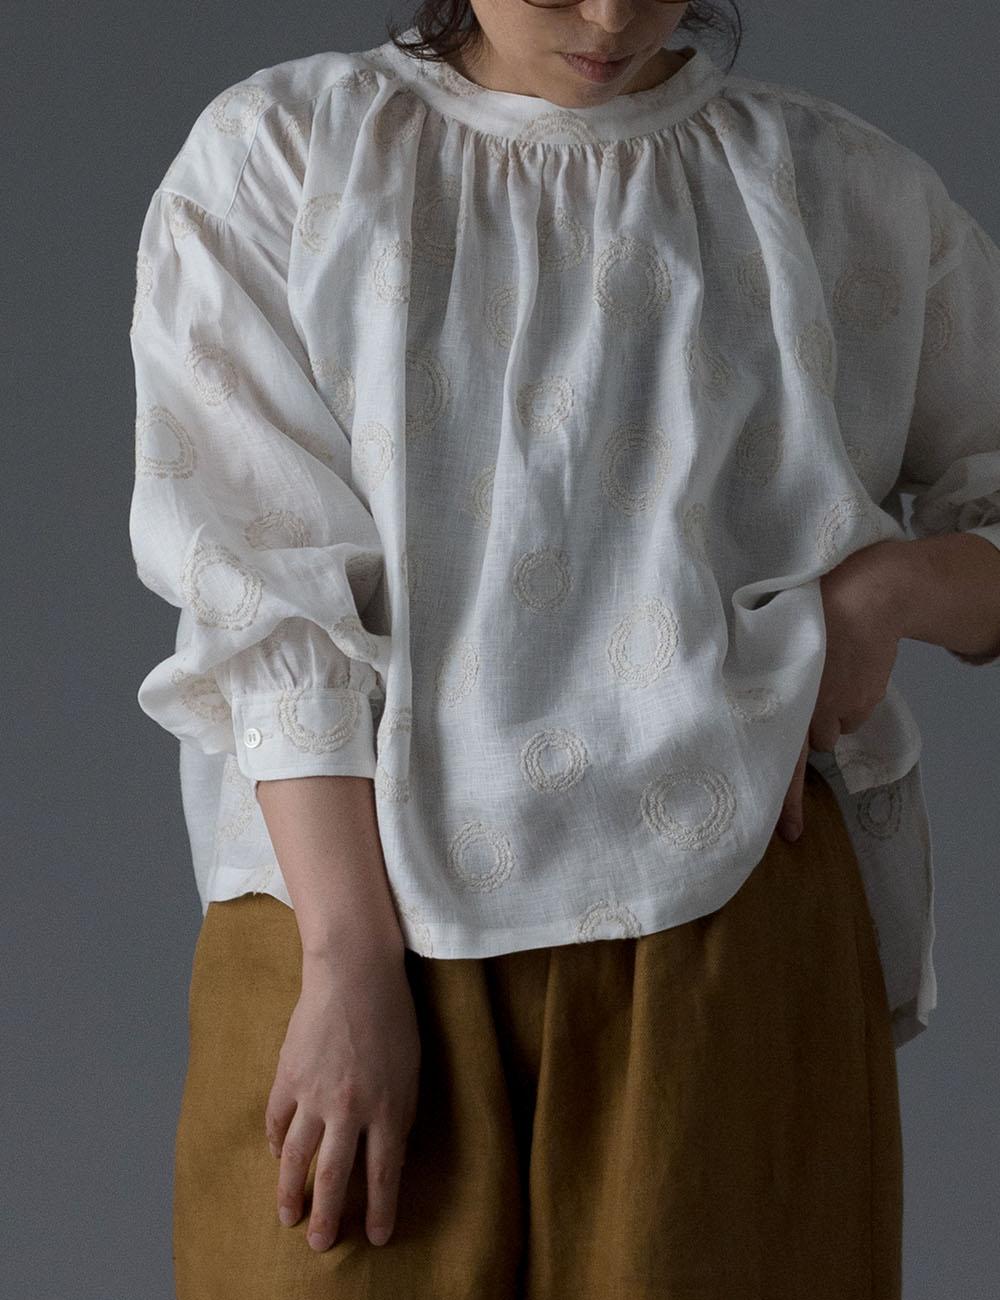 【受注販売】サークル刺繍リネン スタンドカラー ブラウス /ホワイト t013c-ssw2